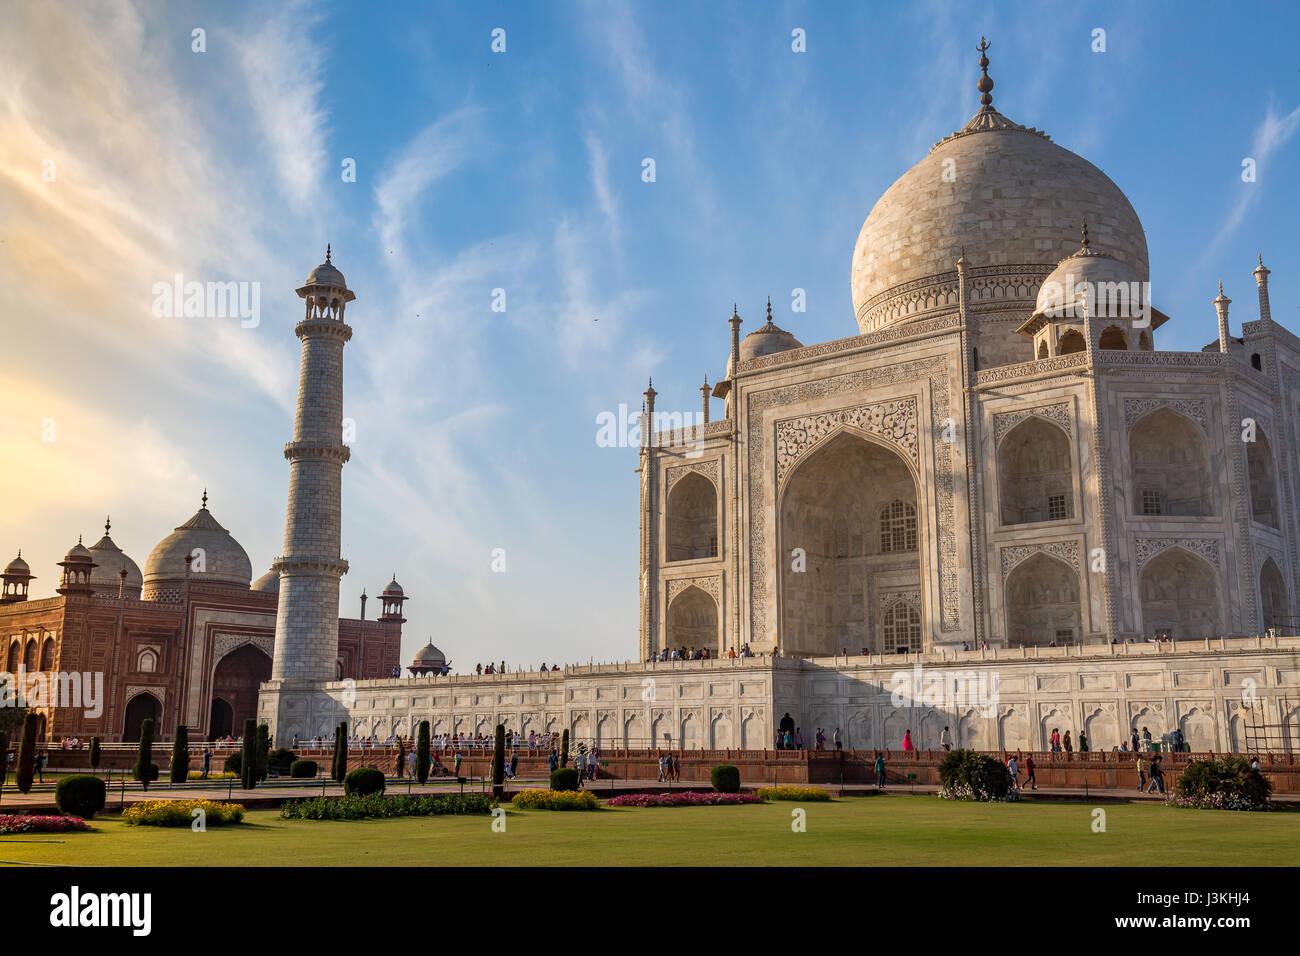 Taj Mahal in Agra Indien mit einem schönen Moody sonnenuntergang himmel. Ein Unesco Weltkulturerbe in Agra Stockbild